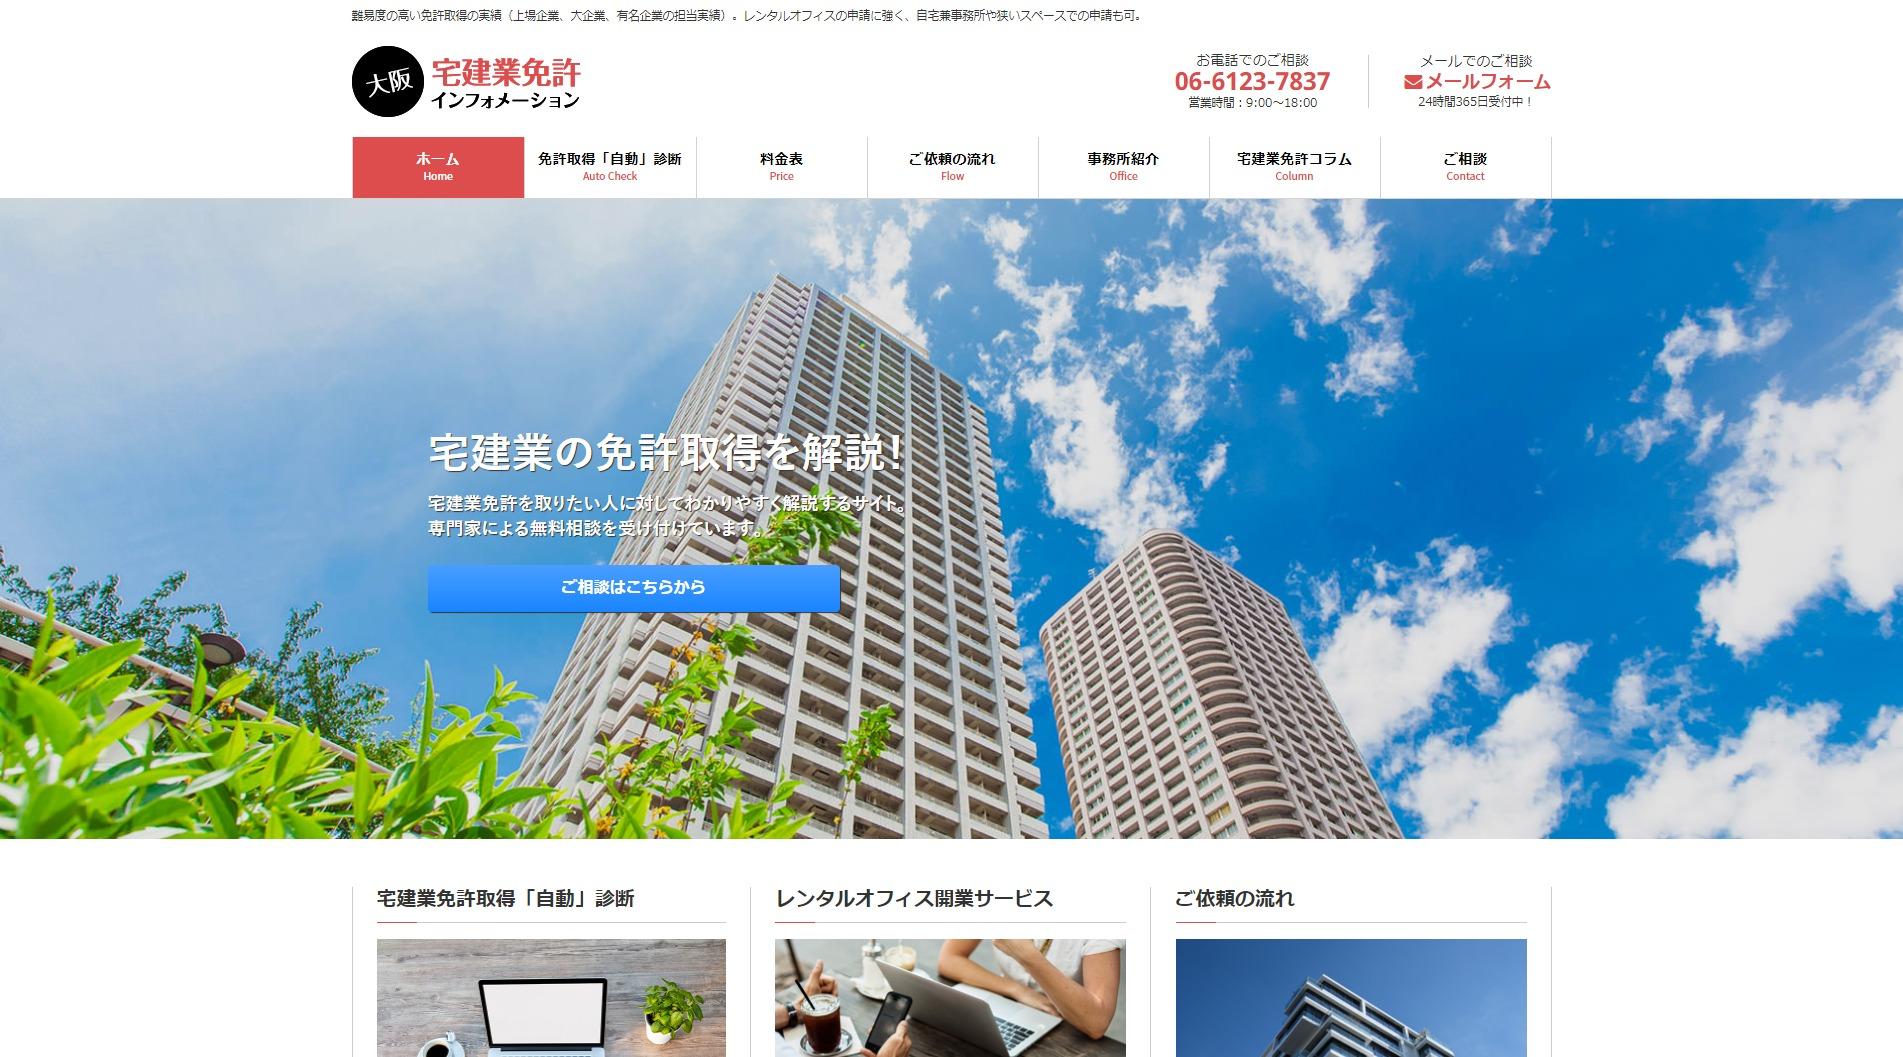 大阪「宅建業免許」インフォメーション